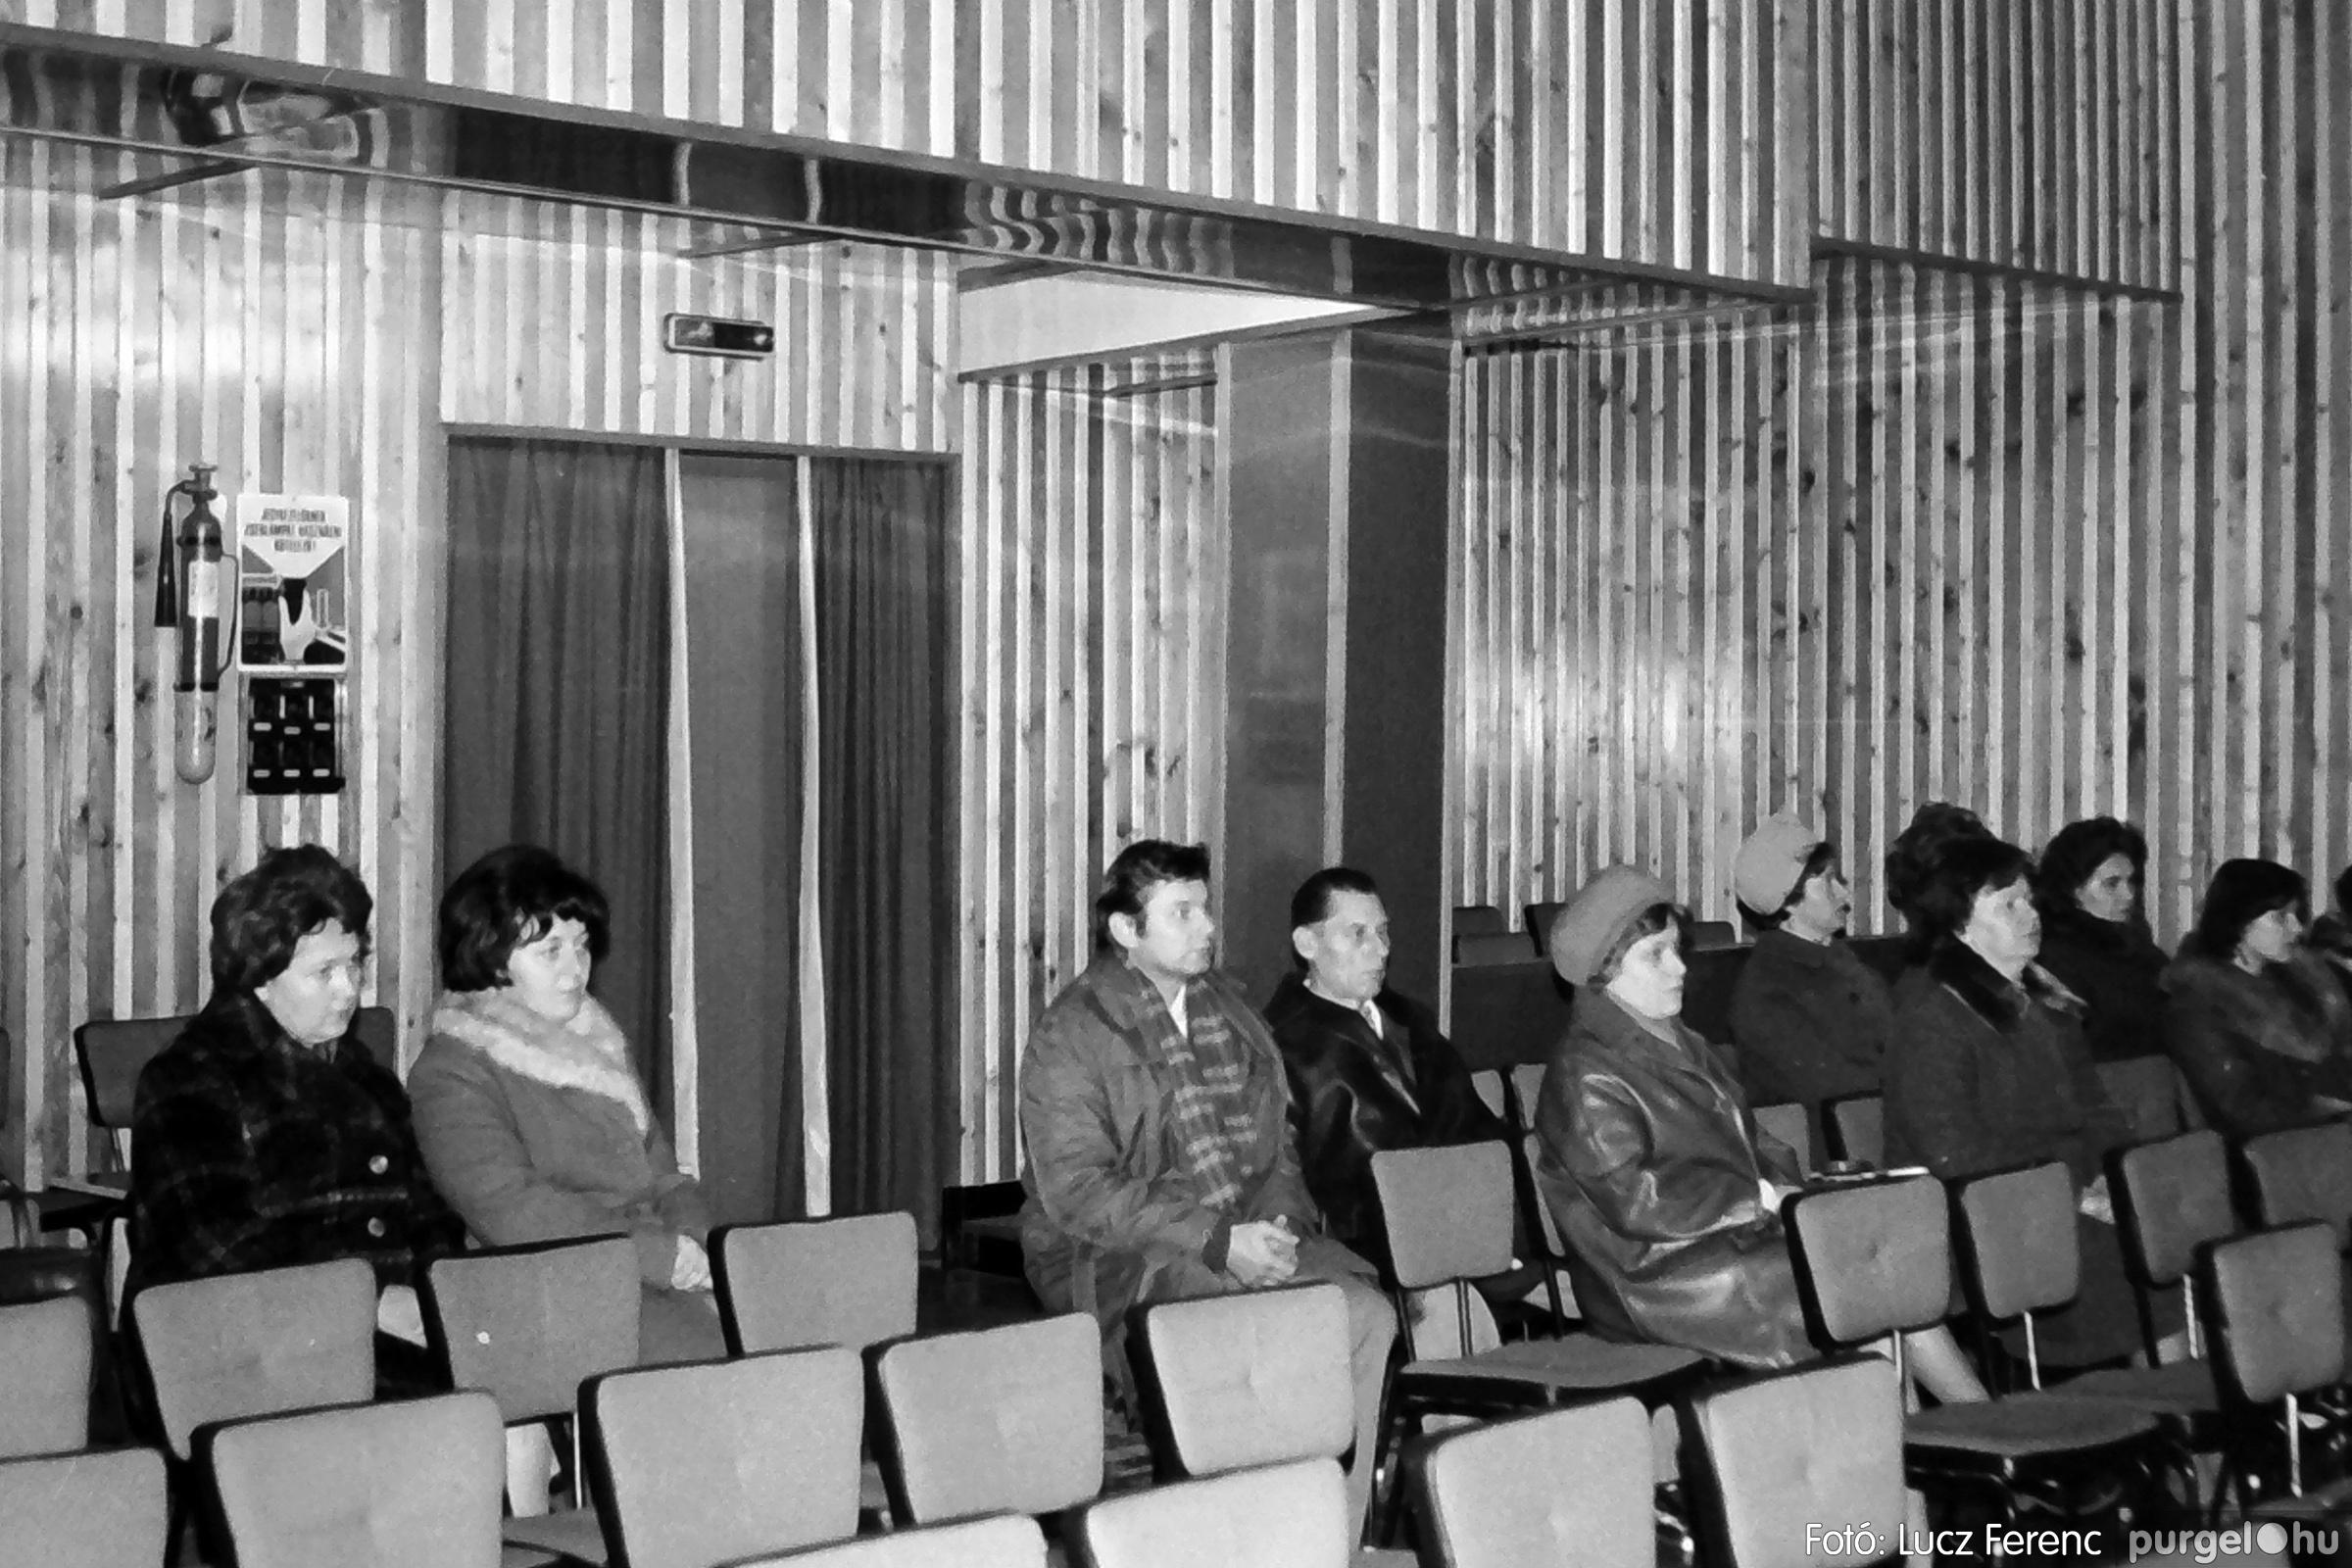 064. 1976. Kiállítás a kultúrházban 007. - Fotó: Lucz Ferenc.jpg